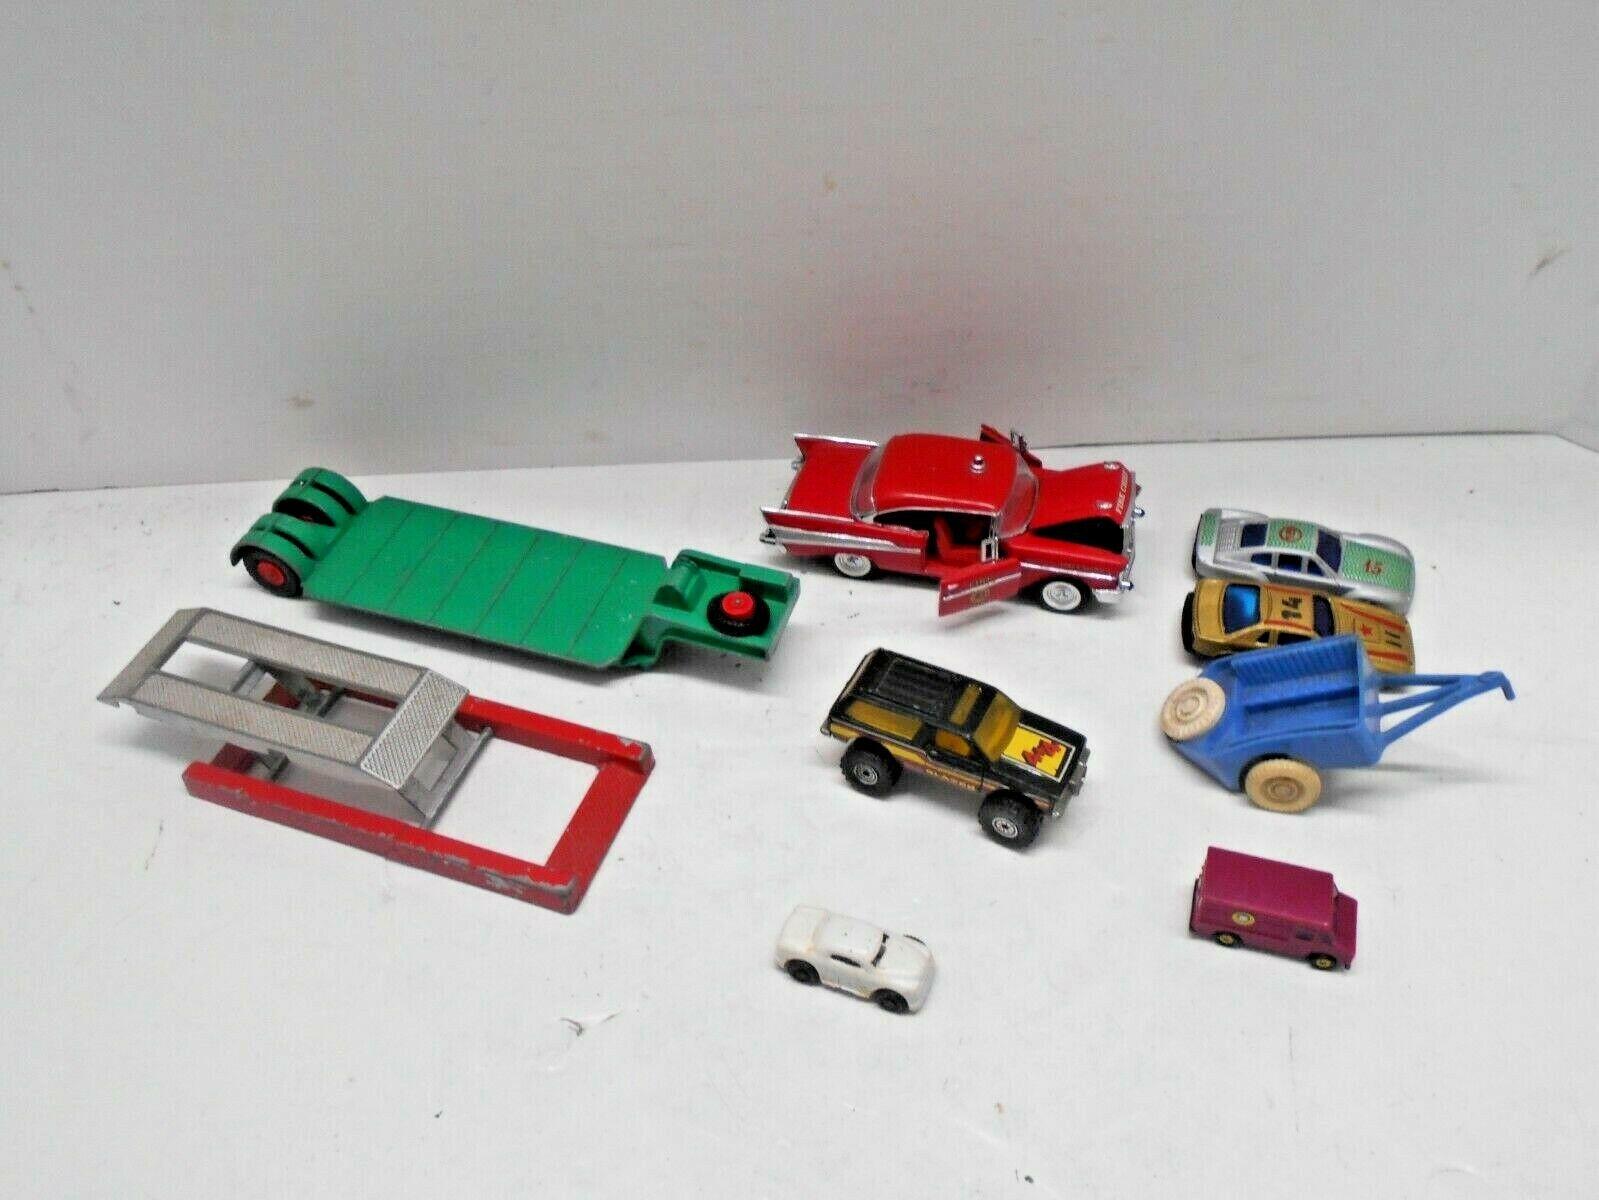 Bil av årgång Lot av 9 Tootsie leksaksbil, Matchlåda låg -Loader, Thomas leksak, Ertl